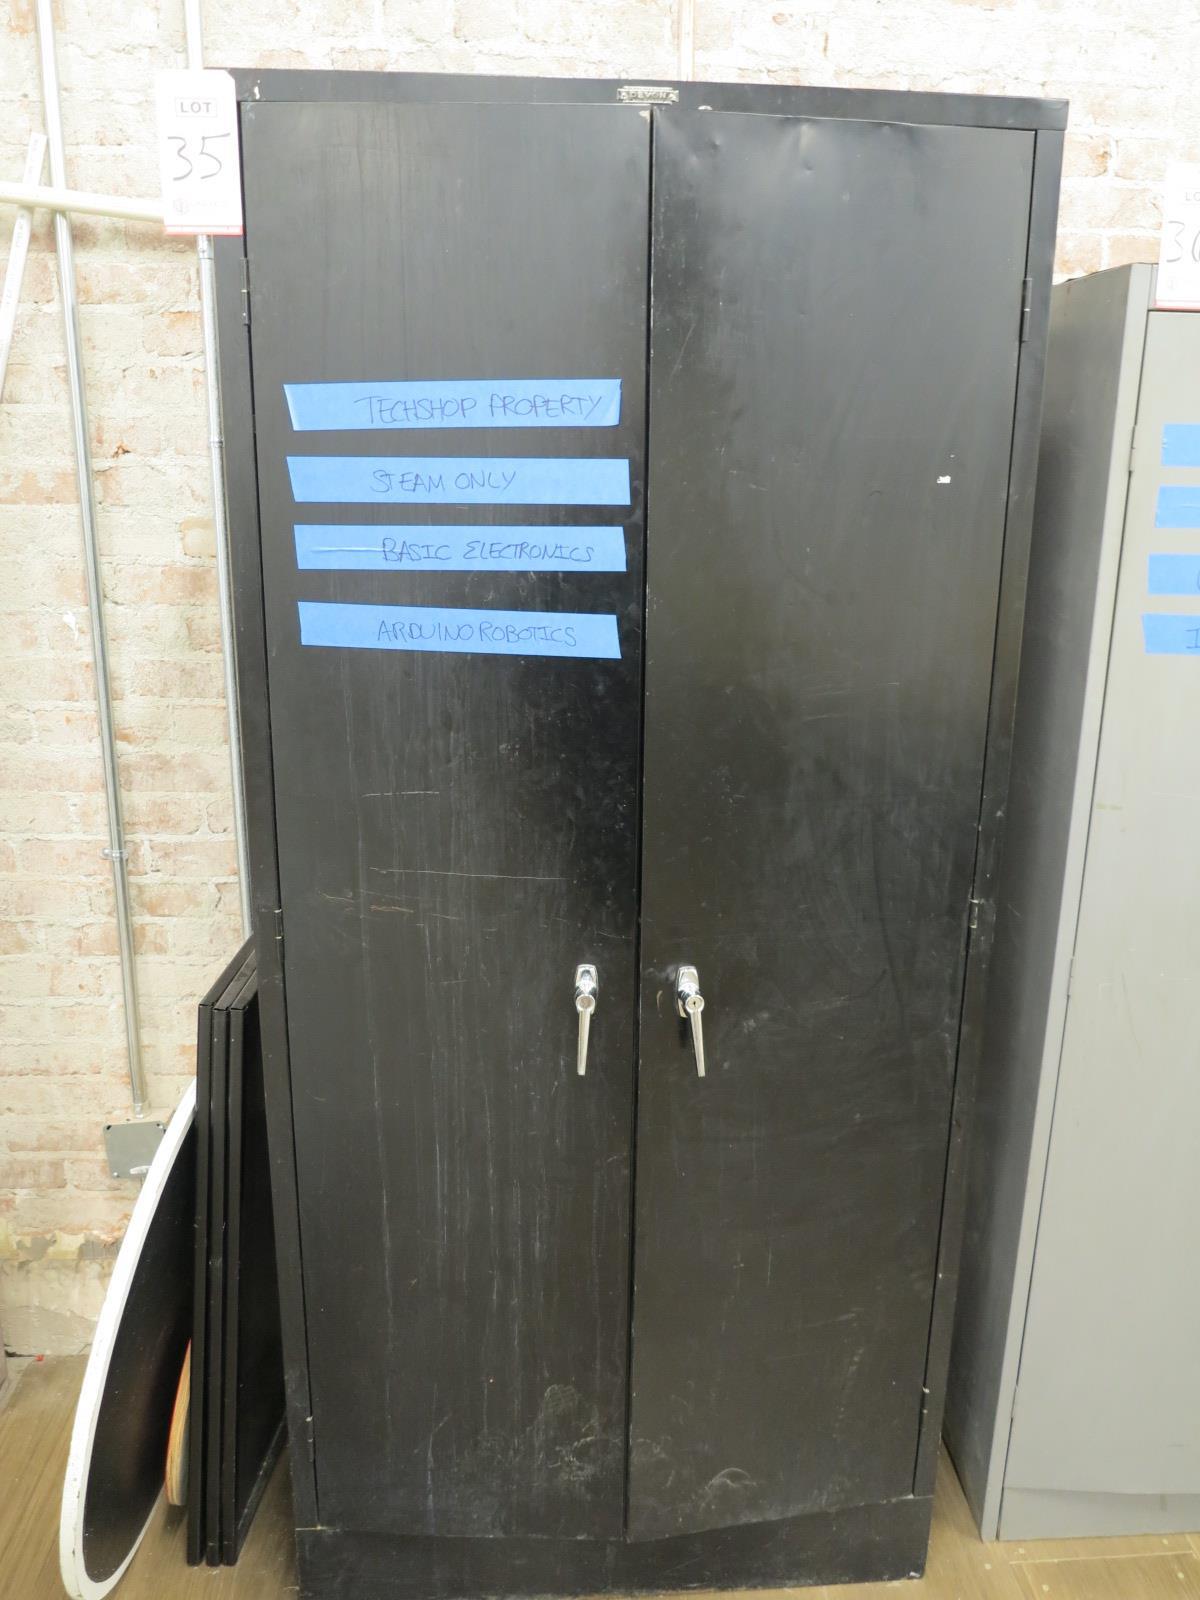 Lot 35 - 2-DOOR STORAGE CABINET W/ CONTENTS